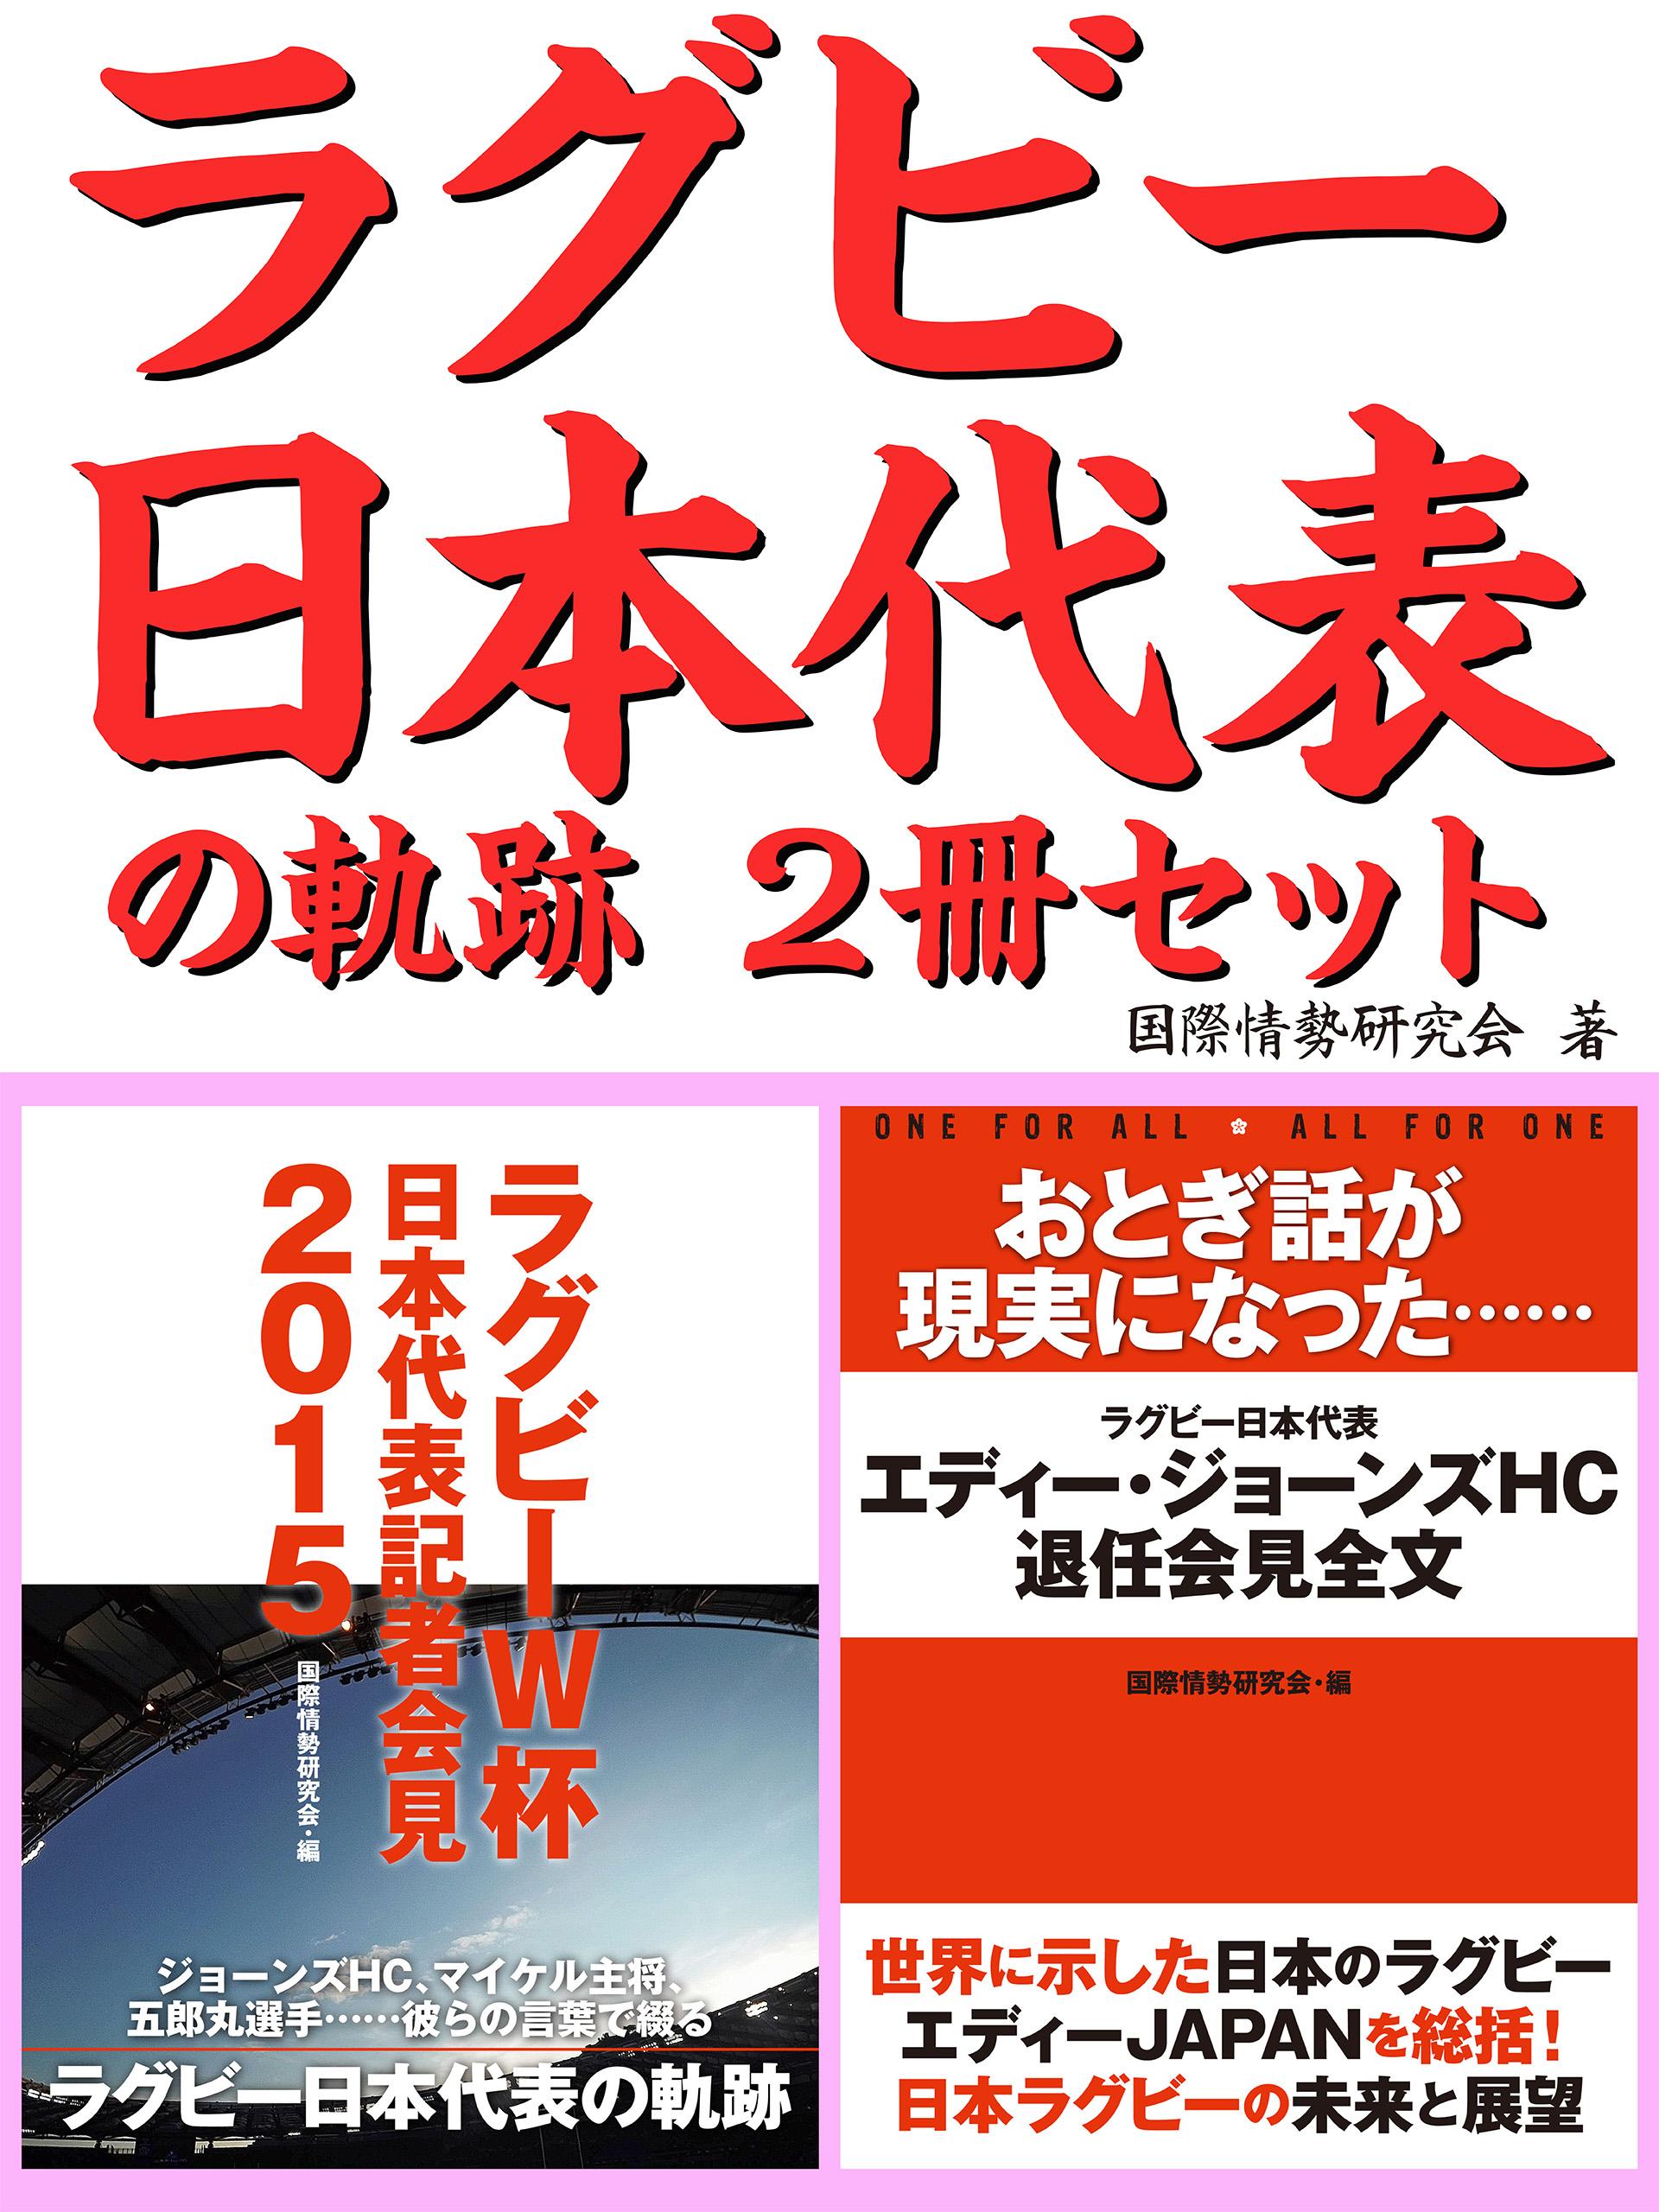 ラグビー日本代表の軌跡2冊セット おとぎ話が現実になった……エディー・ジョーンズHC退任会見 他